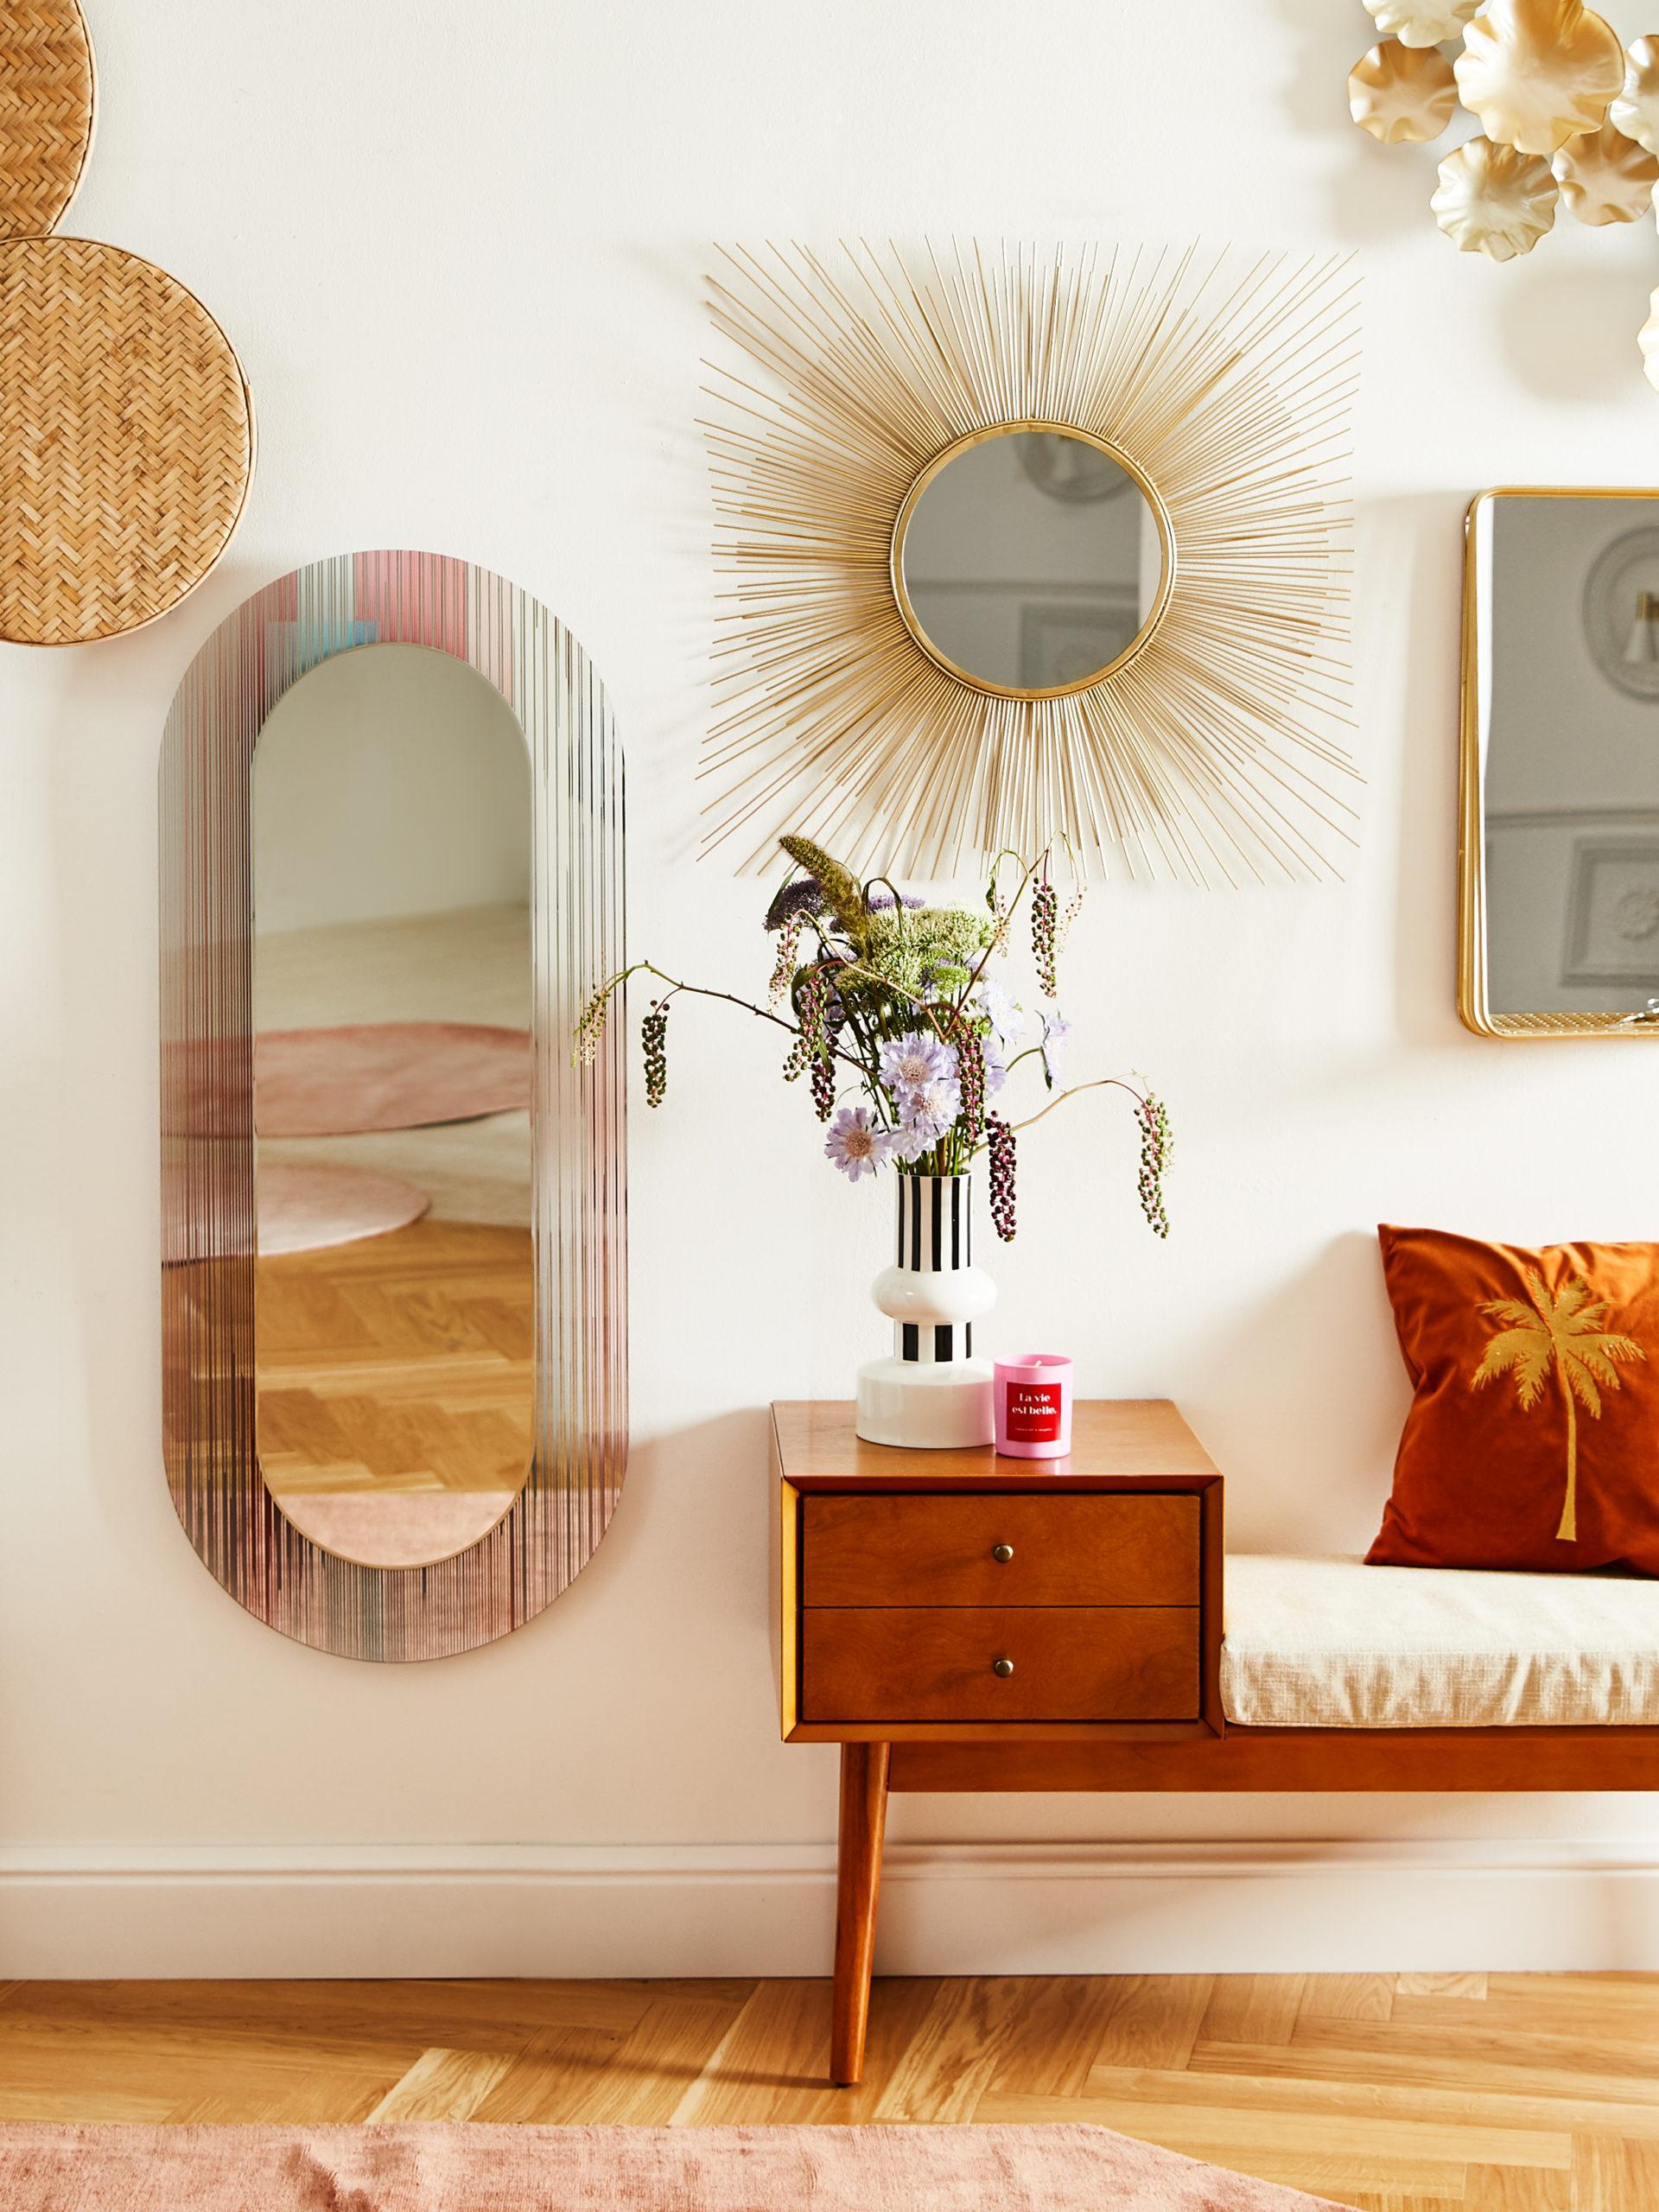 Mehrere Spiegel in Gold an der Wand